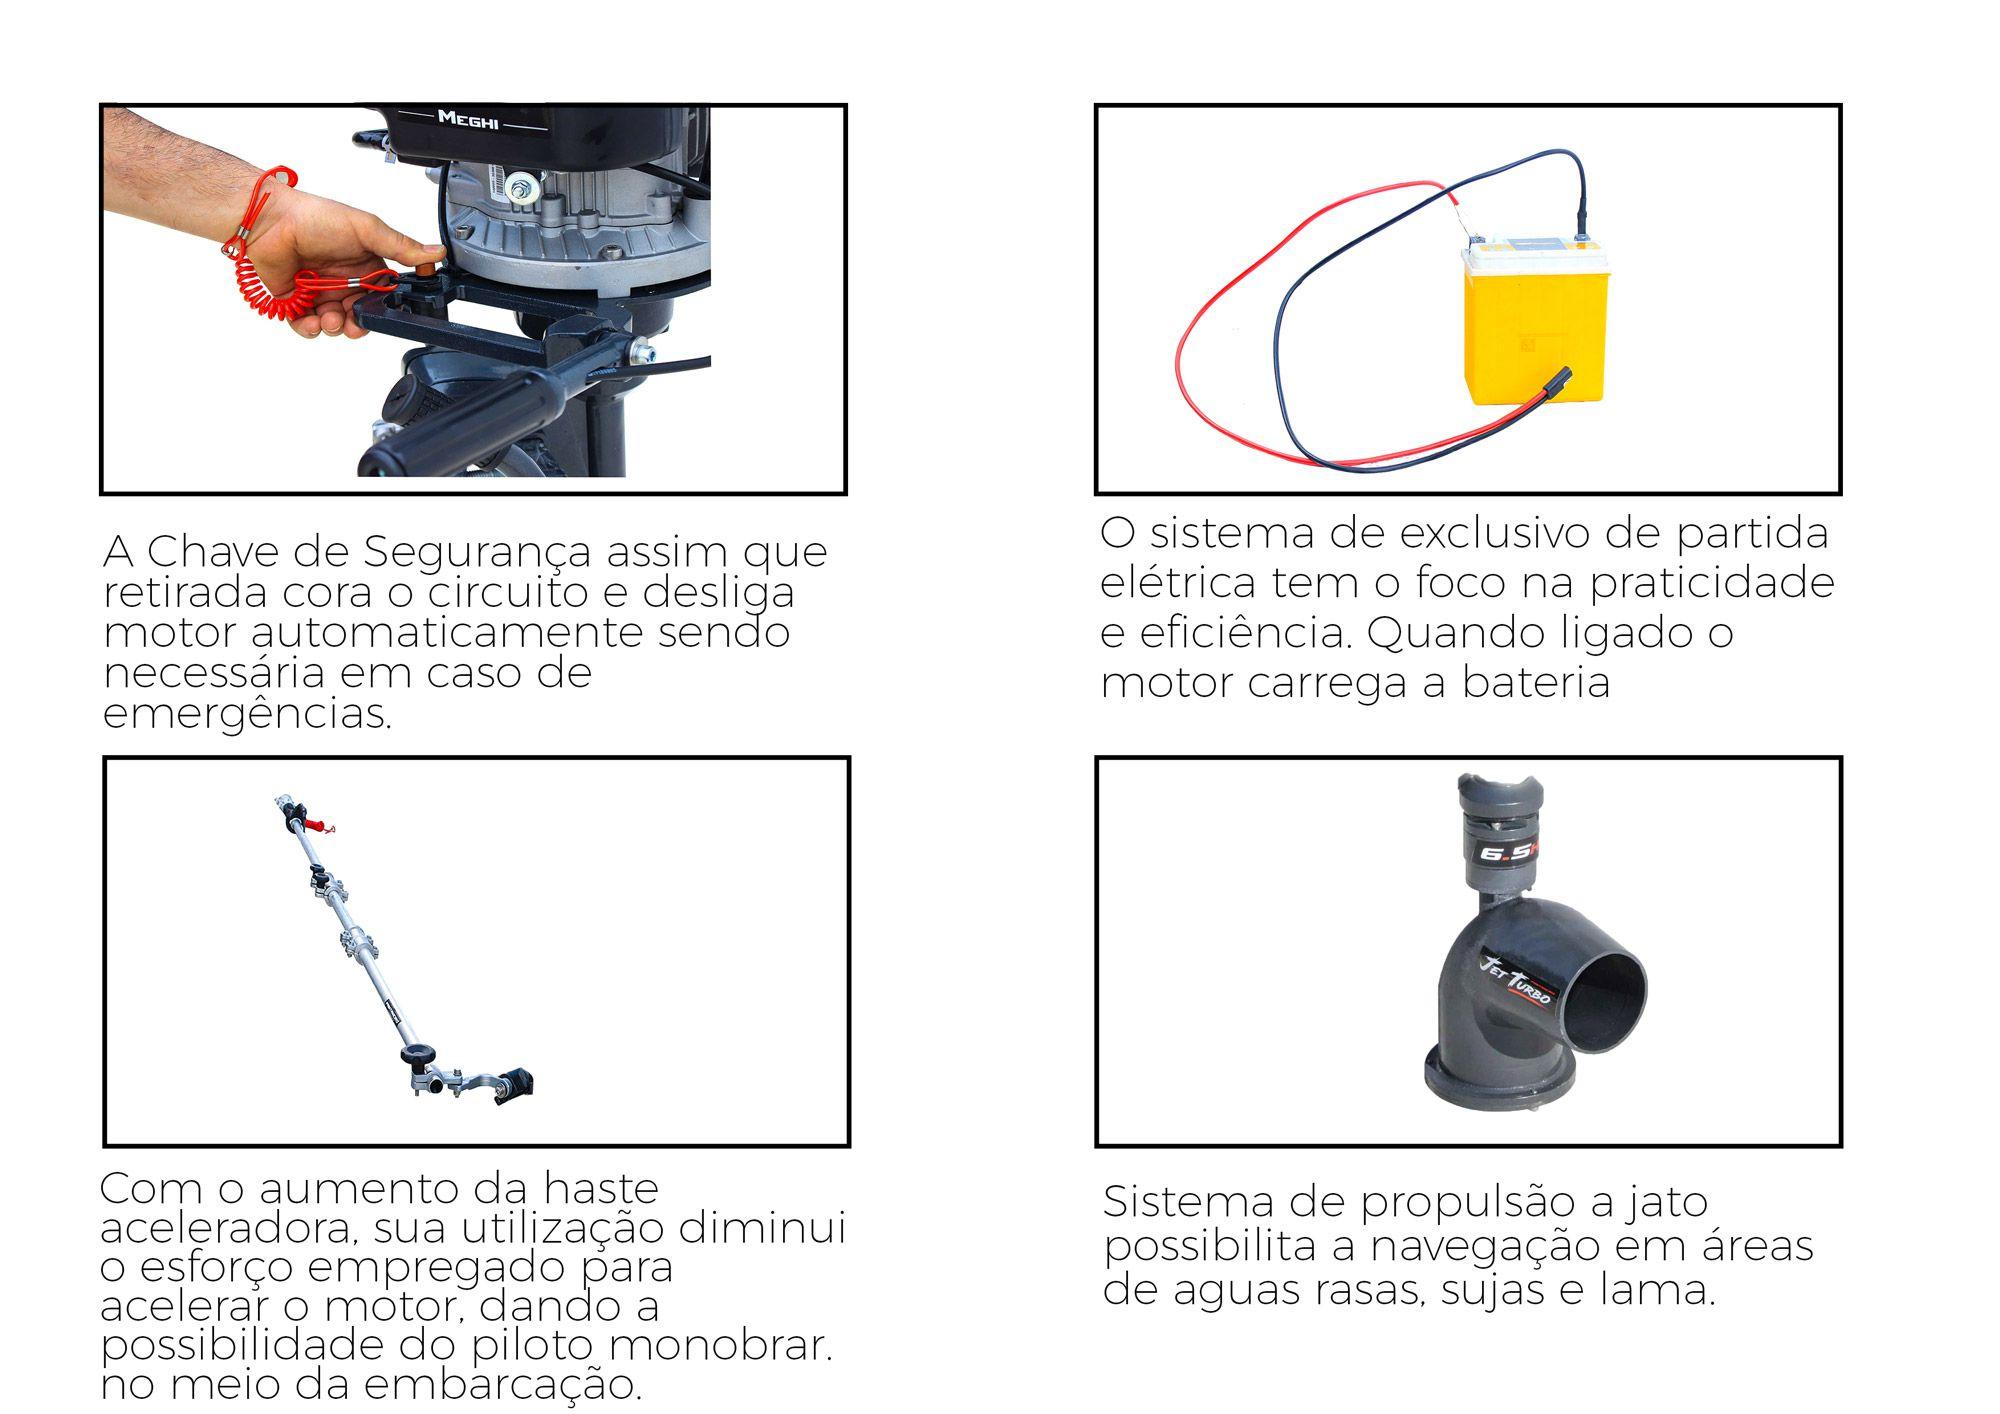 Jet Turbo Pantaneiro 6,5hp c/ Part. Elétrica, Embreagem, Chave de Segurança e Haste Aceleradora